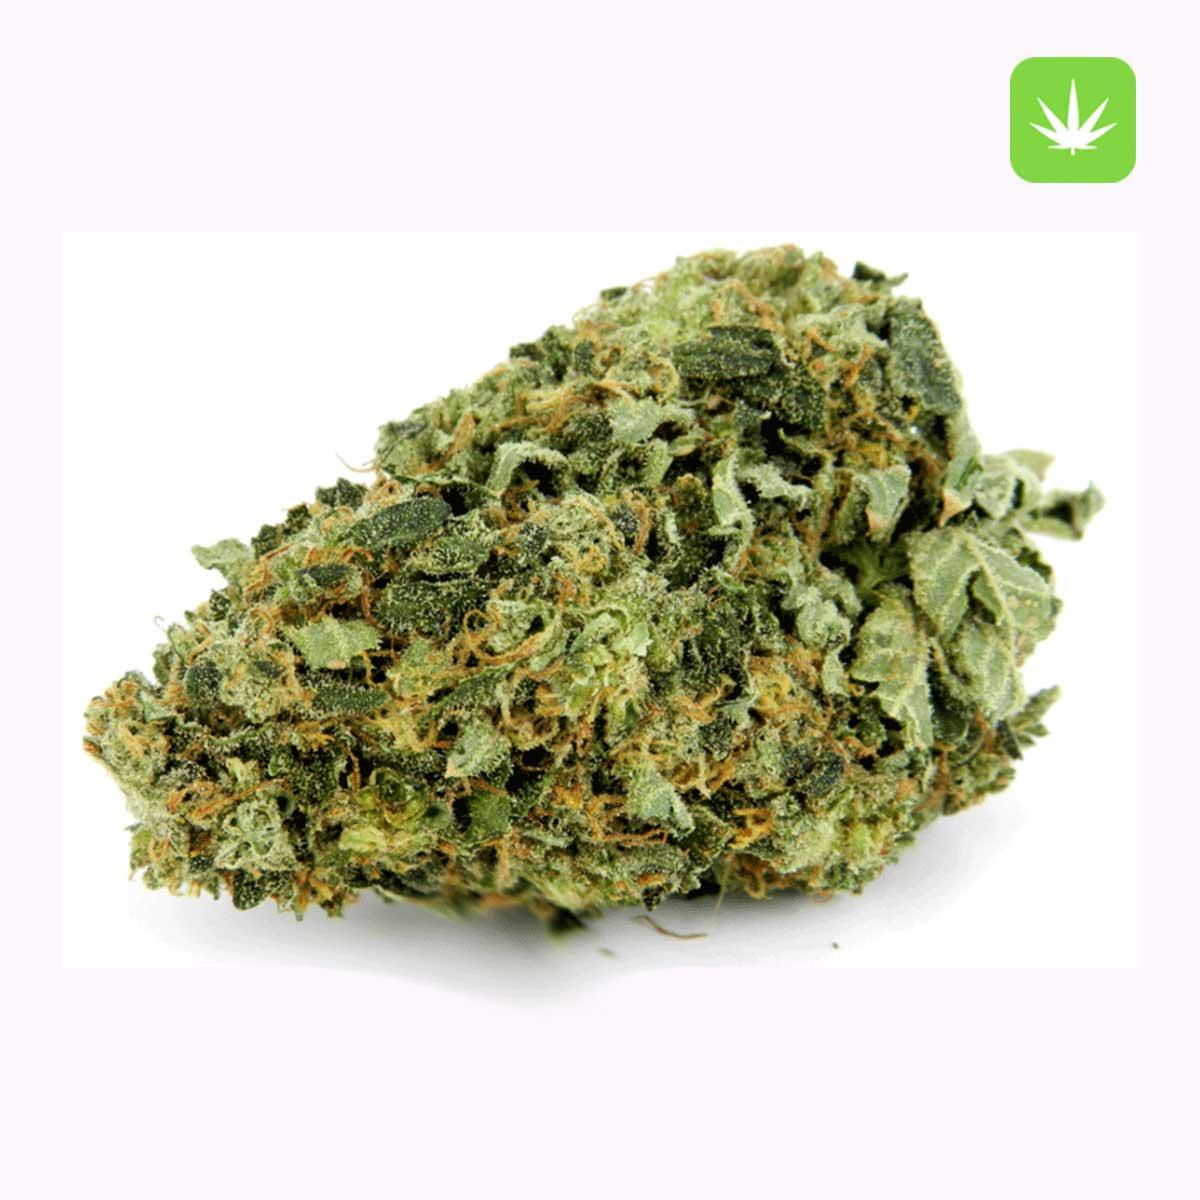 Hindu Kush Cannabis Avenue 1